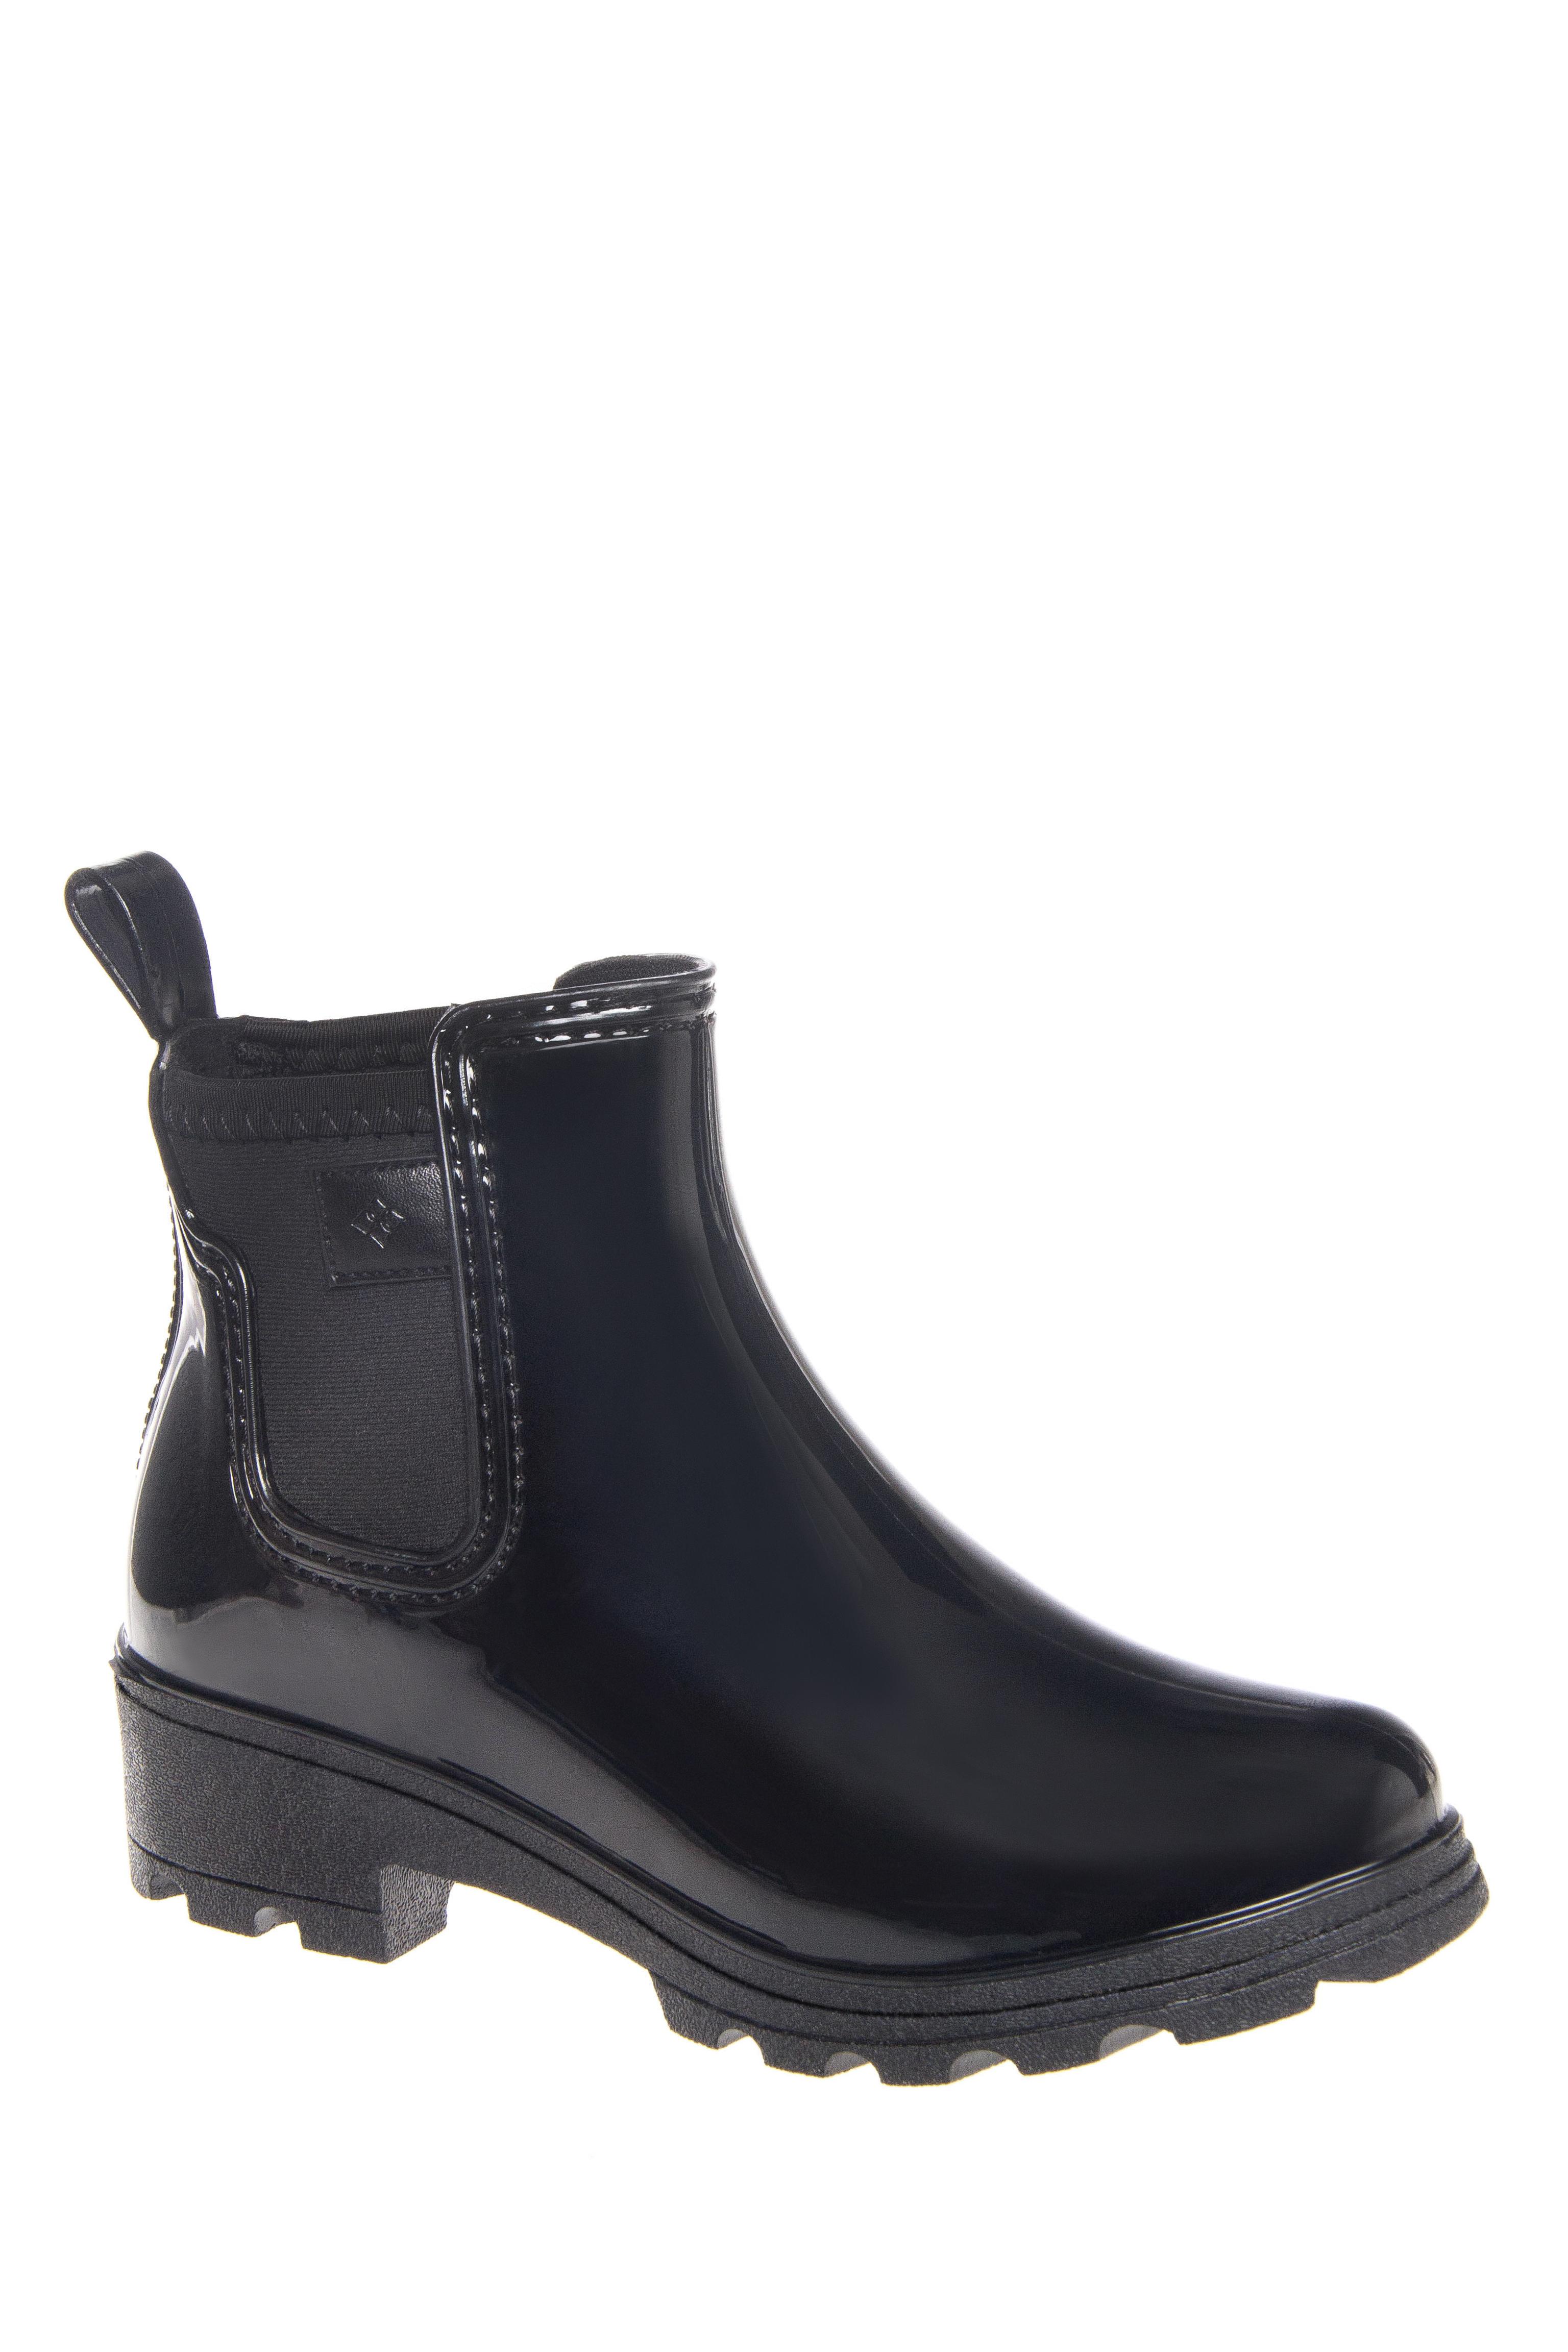 Dav Prague Mid Heel Ankle Rain Boot